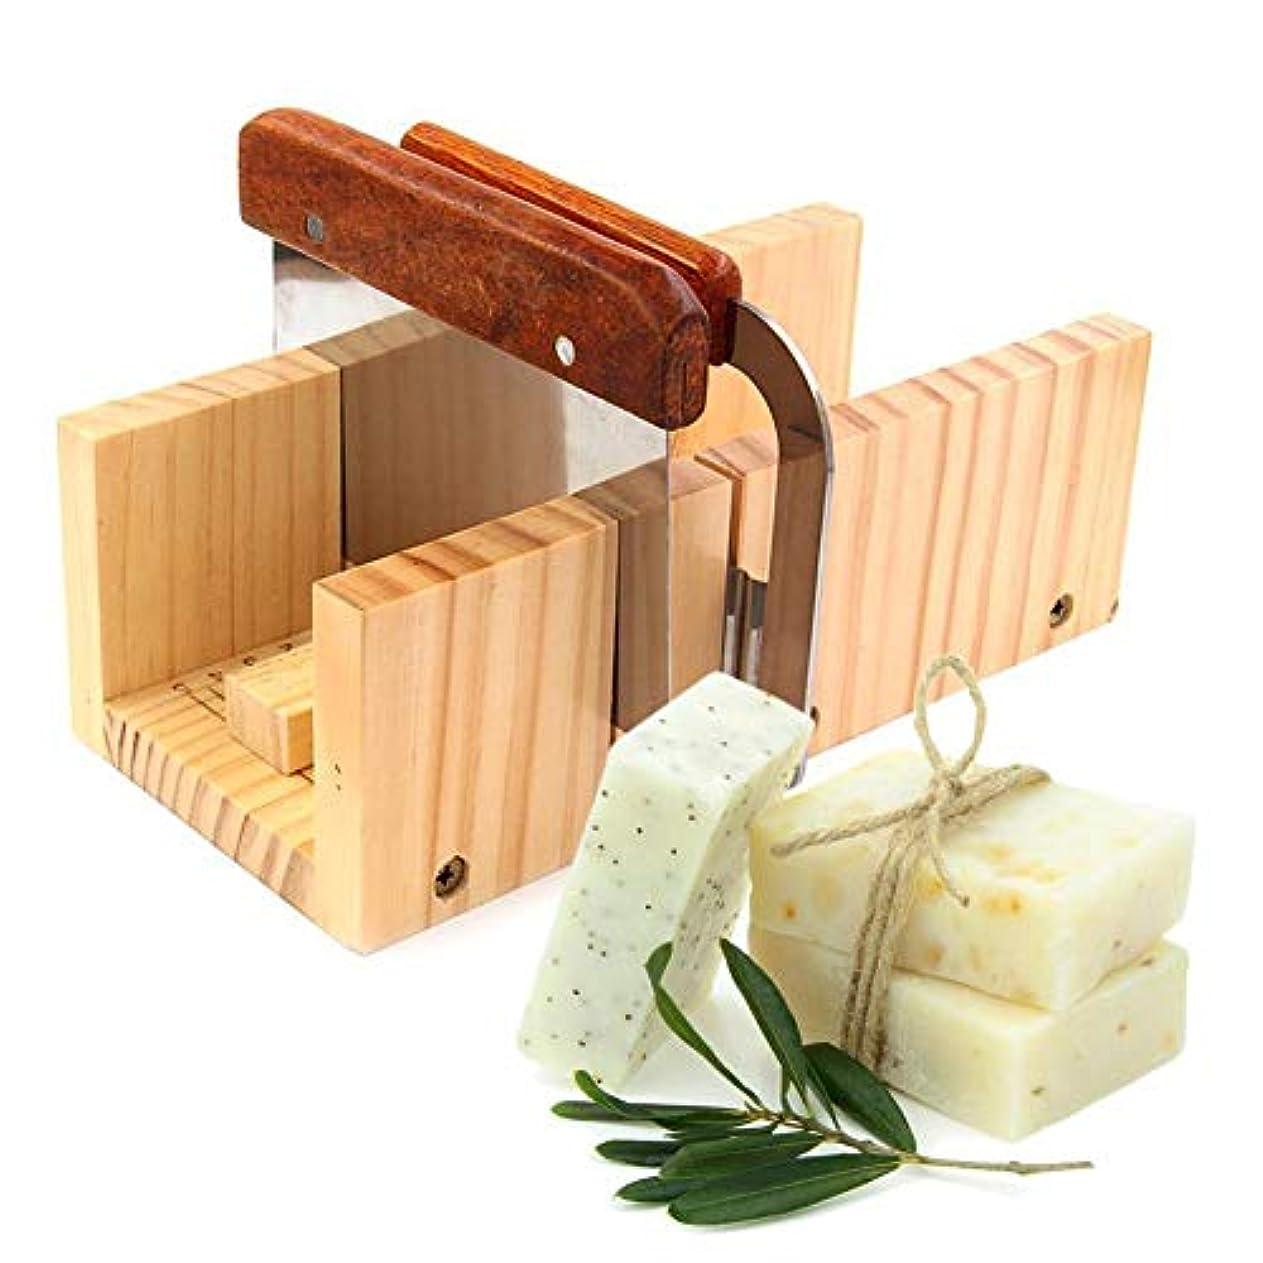 無許可出発スカイRagem ソープカッター 手作り石鹸金型 木製 ローフカッターボックス 調整可能 多機能ソープ切削工具 ストレートプレーニングツール